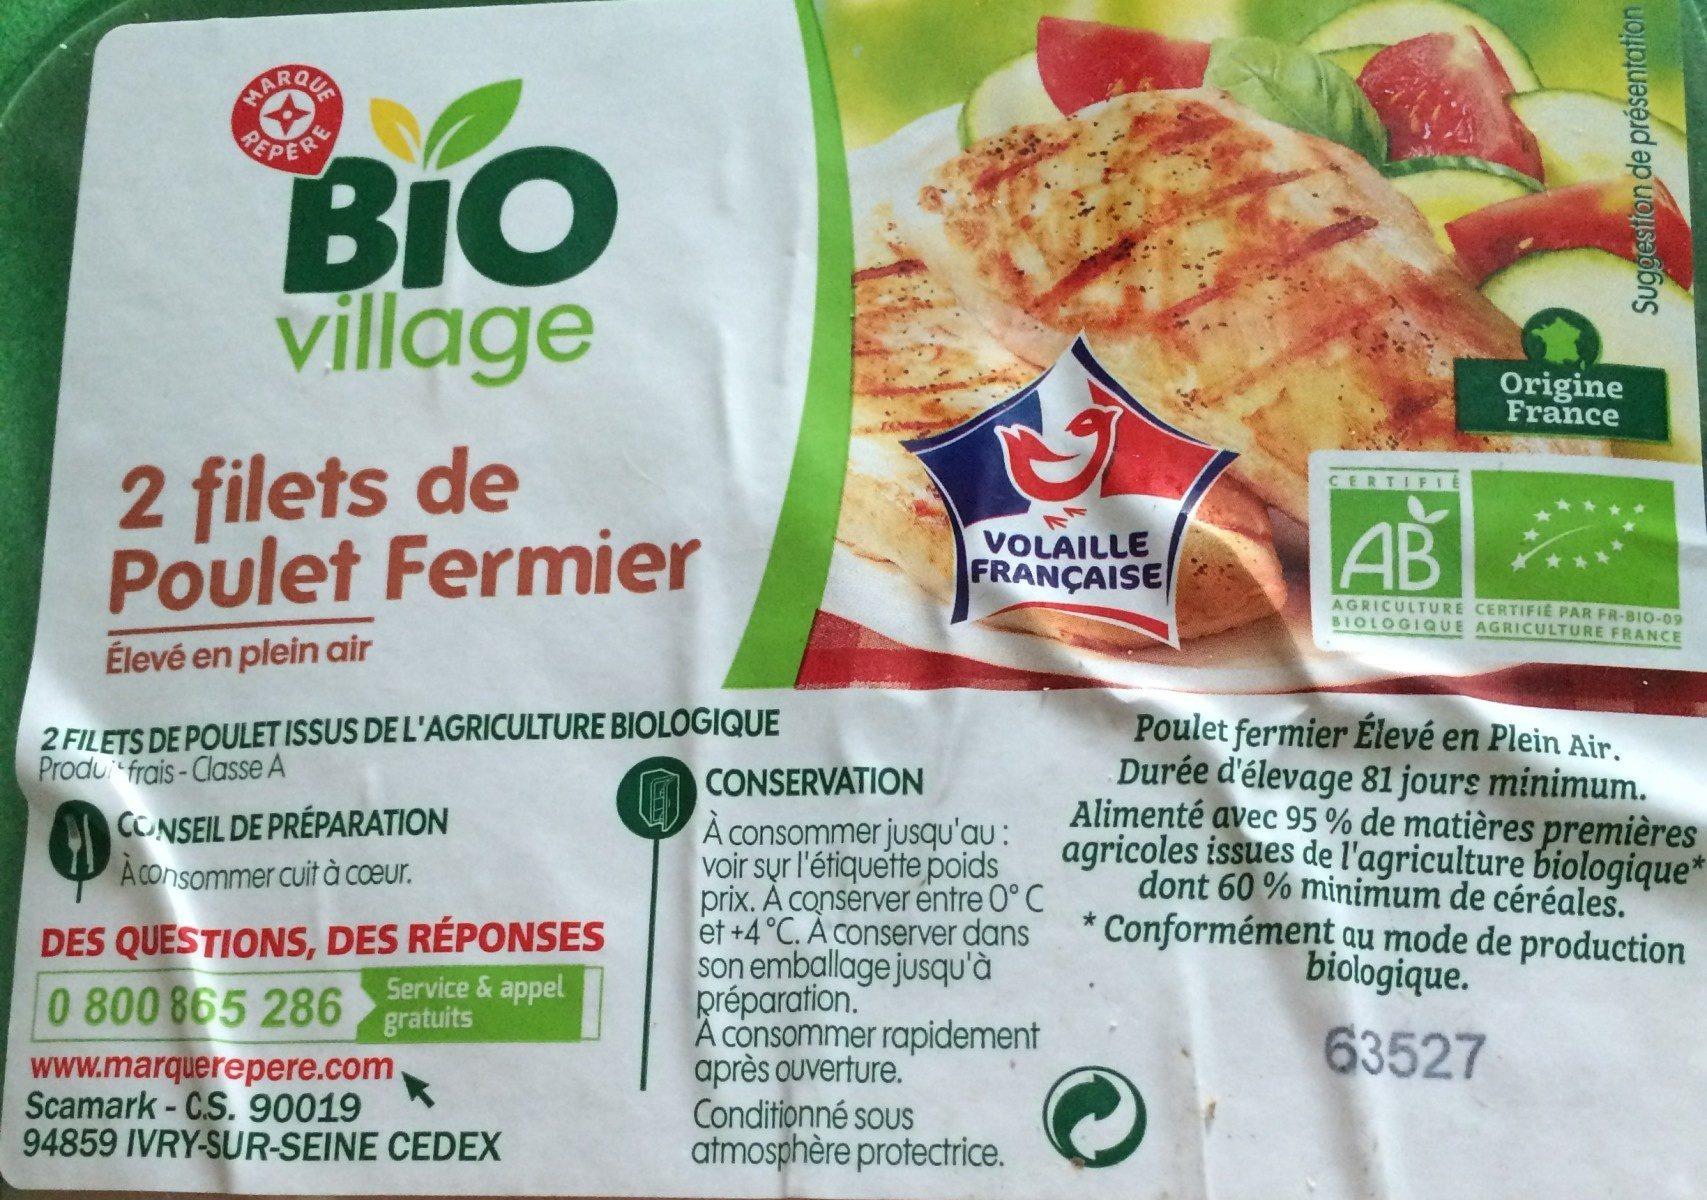 filets de poulet fermier - Product - fr